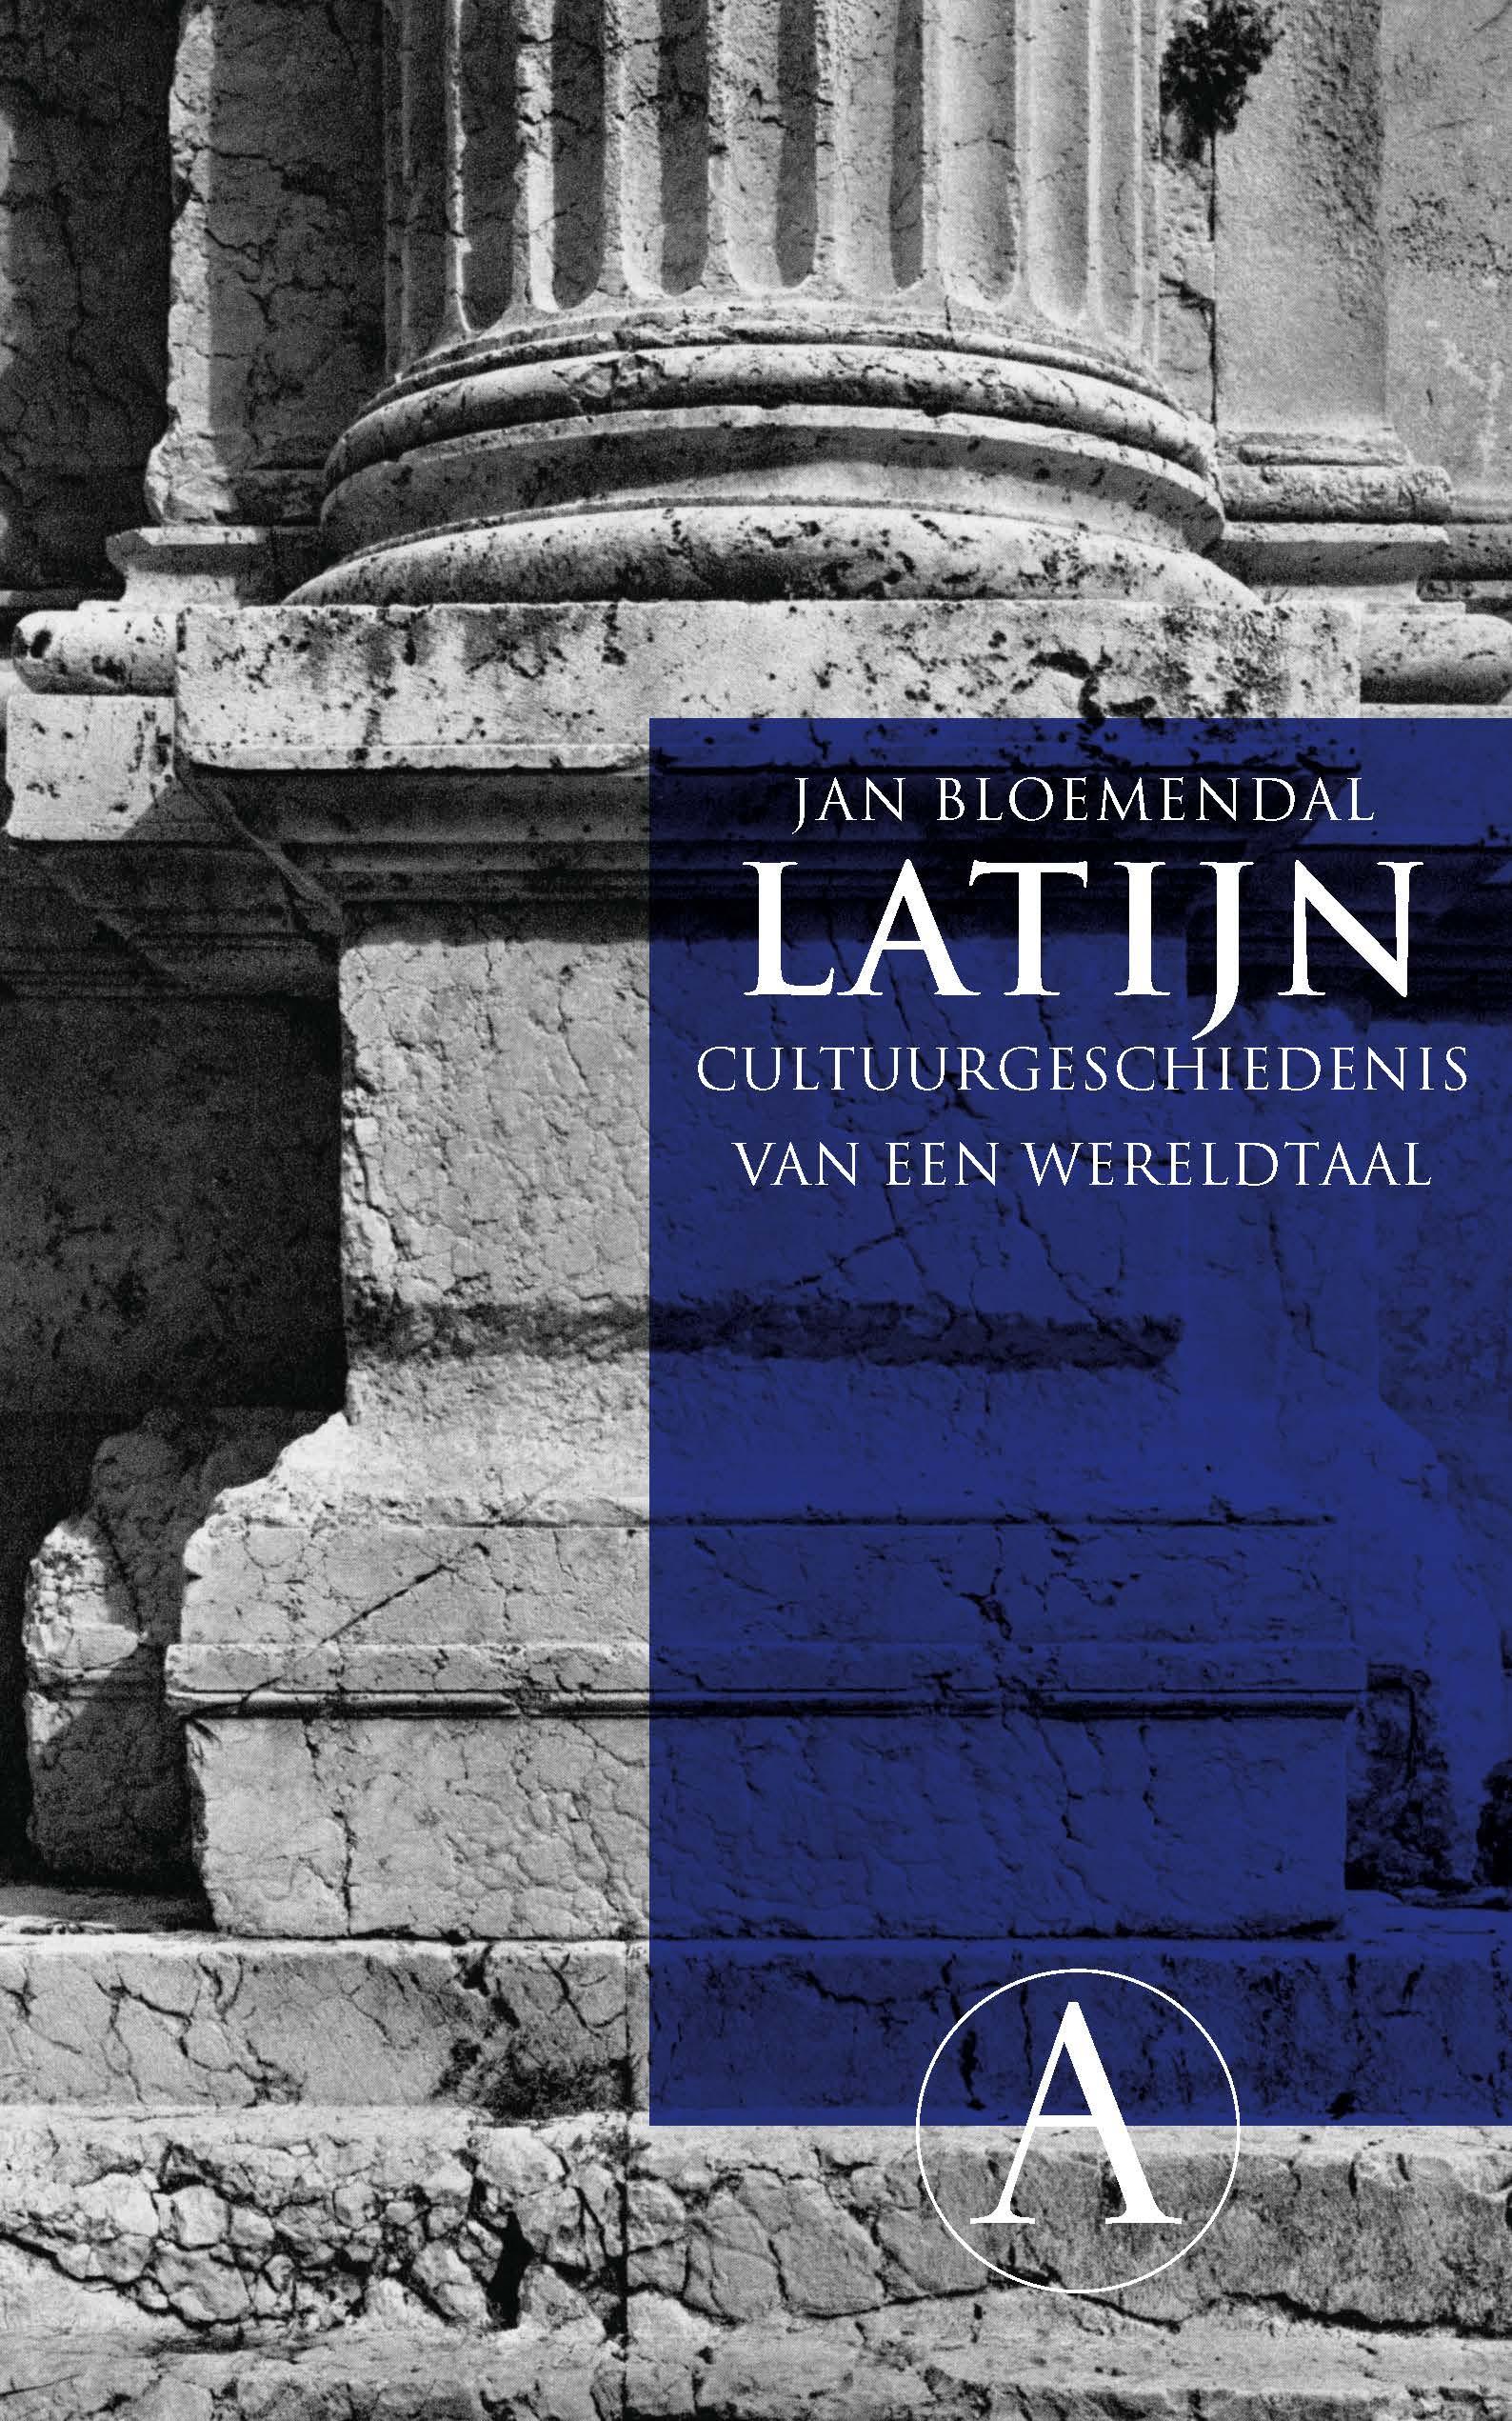 Latijn – Jan Bloemendal